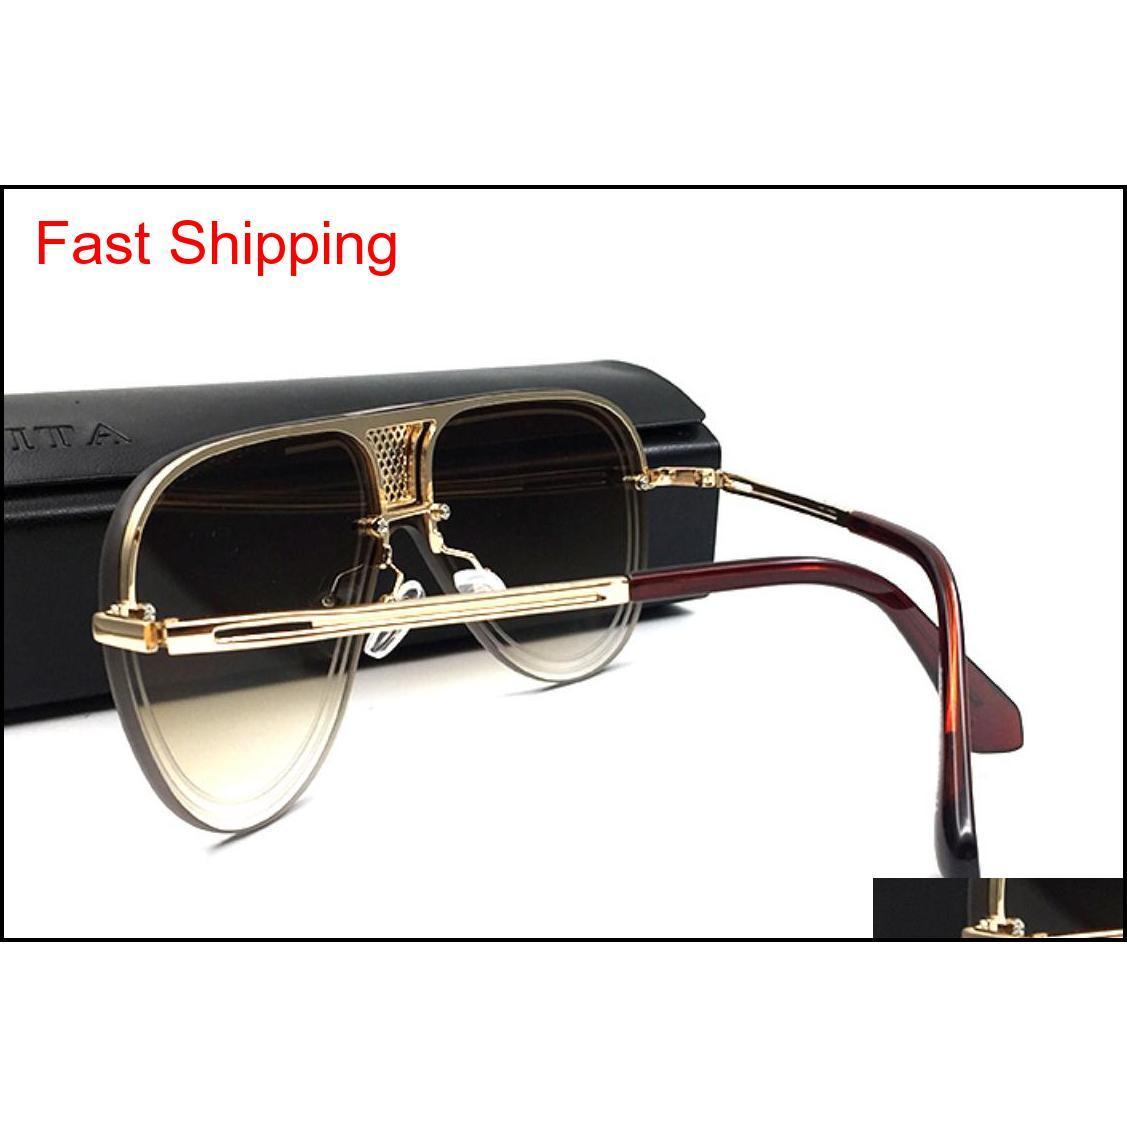 Yeni Lüks Güneş Erkekler Tasarım Metal Vintage Sunglass Moda Stil Kare Metal Çerçeve Boy Güneş Gözlükleri UV QYLXWB HOMES2007